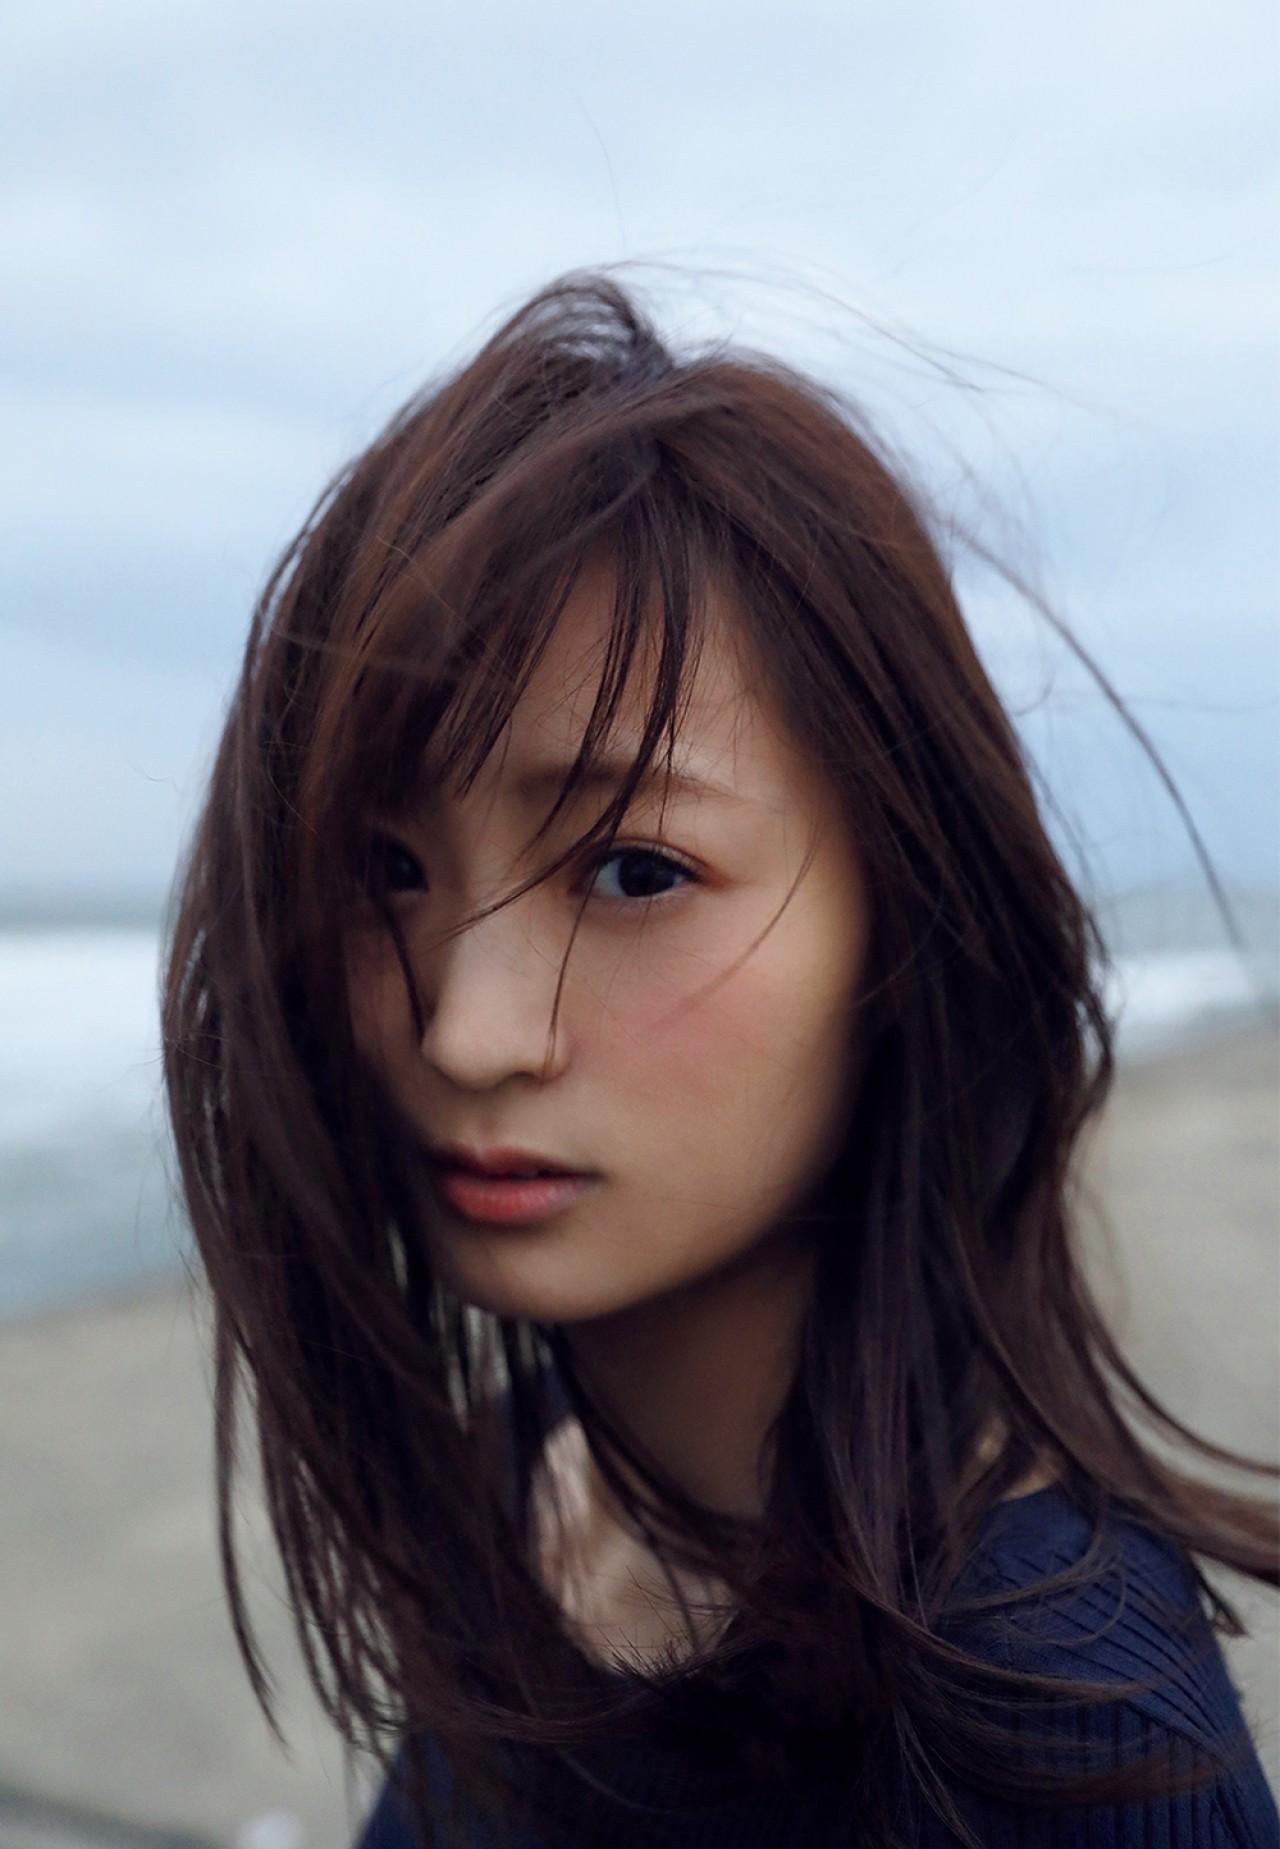 和田瞳 初公開 フルヌード エロ画像 001